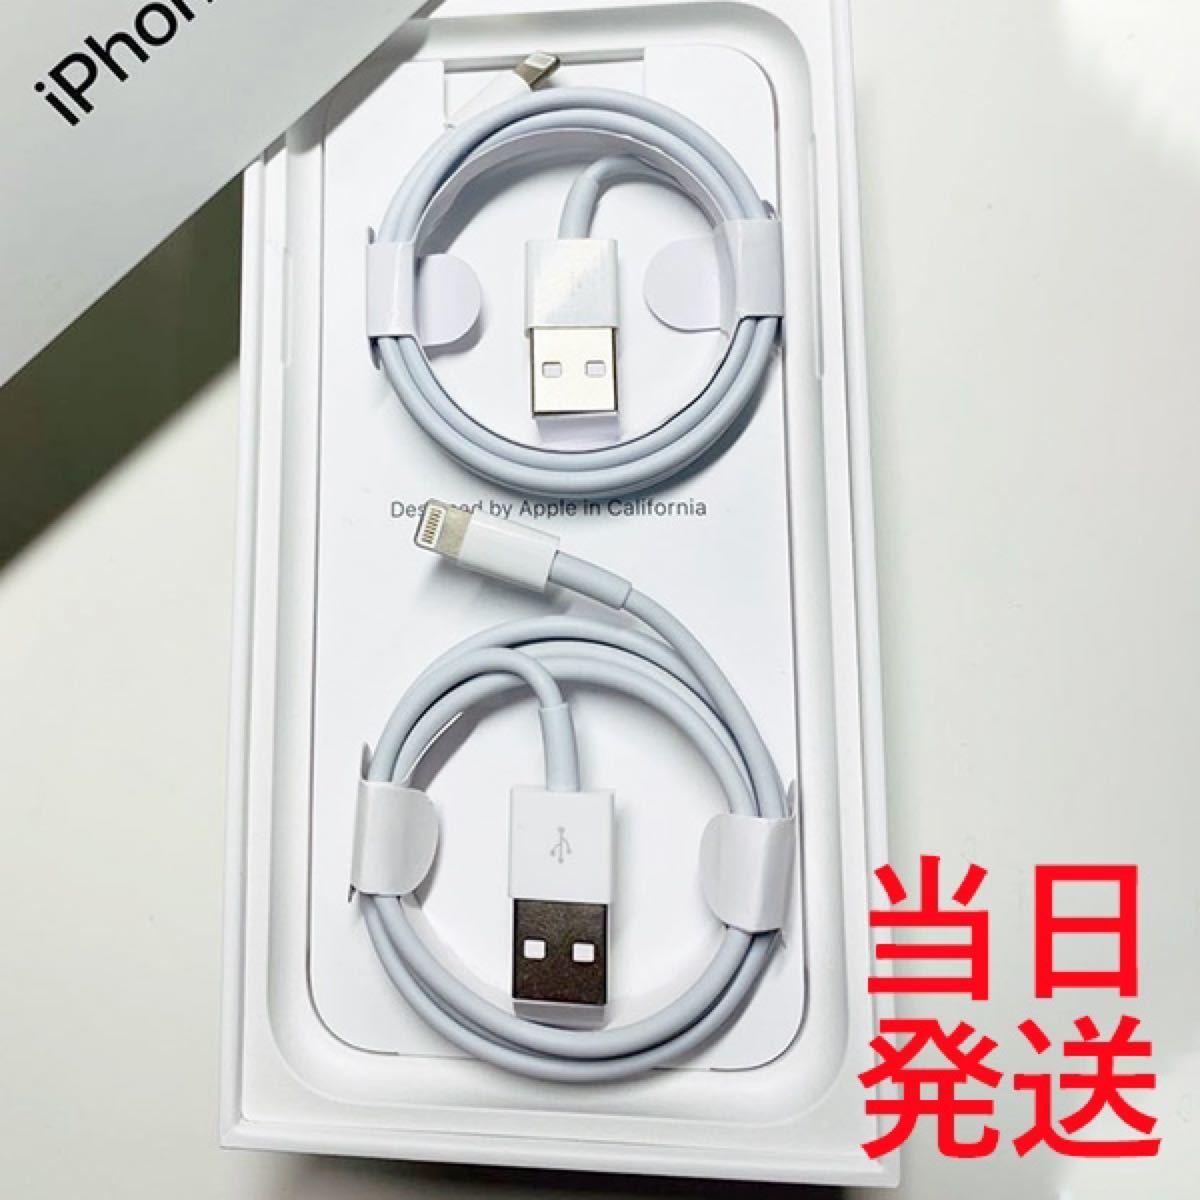 iPhone充電器 ライトニングケーブル 1m 2本セット 純正品質 送料無料 Lightning ケーブル データ転送